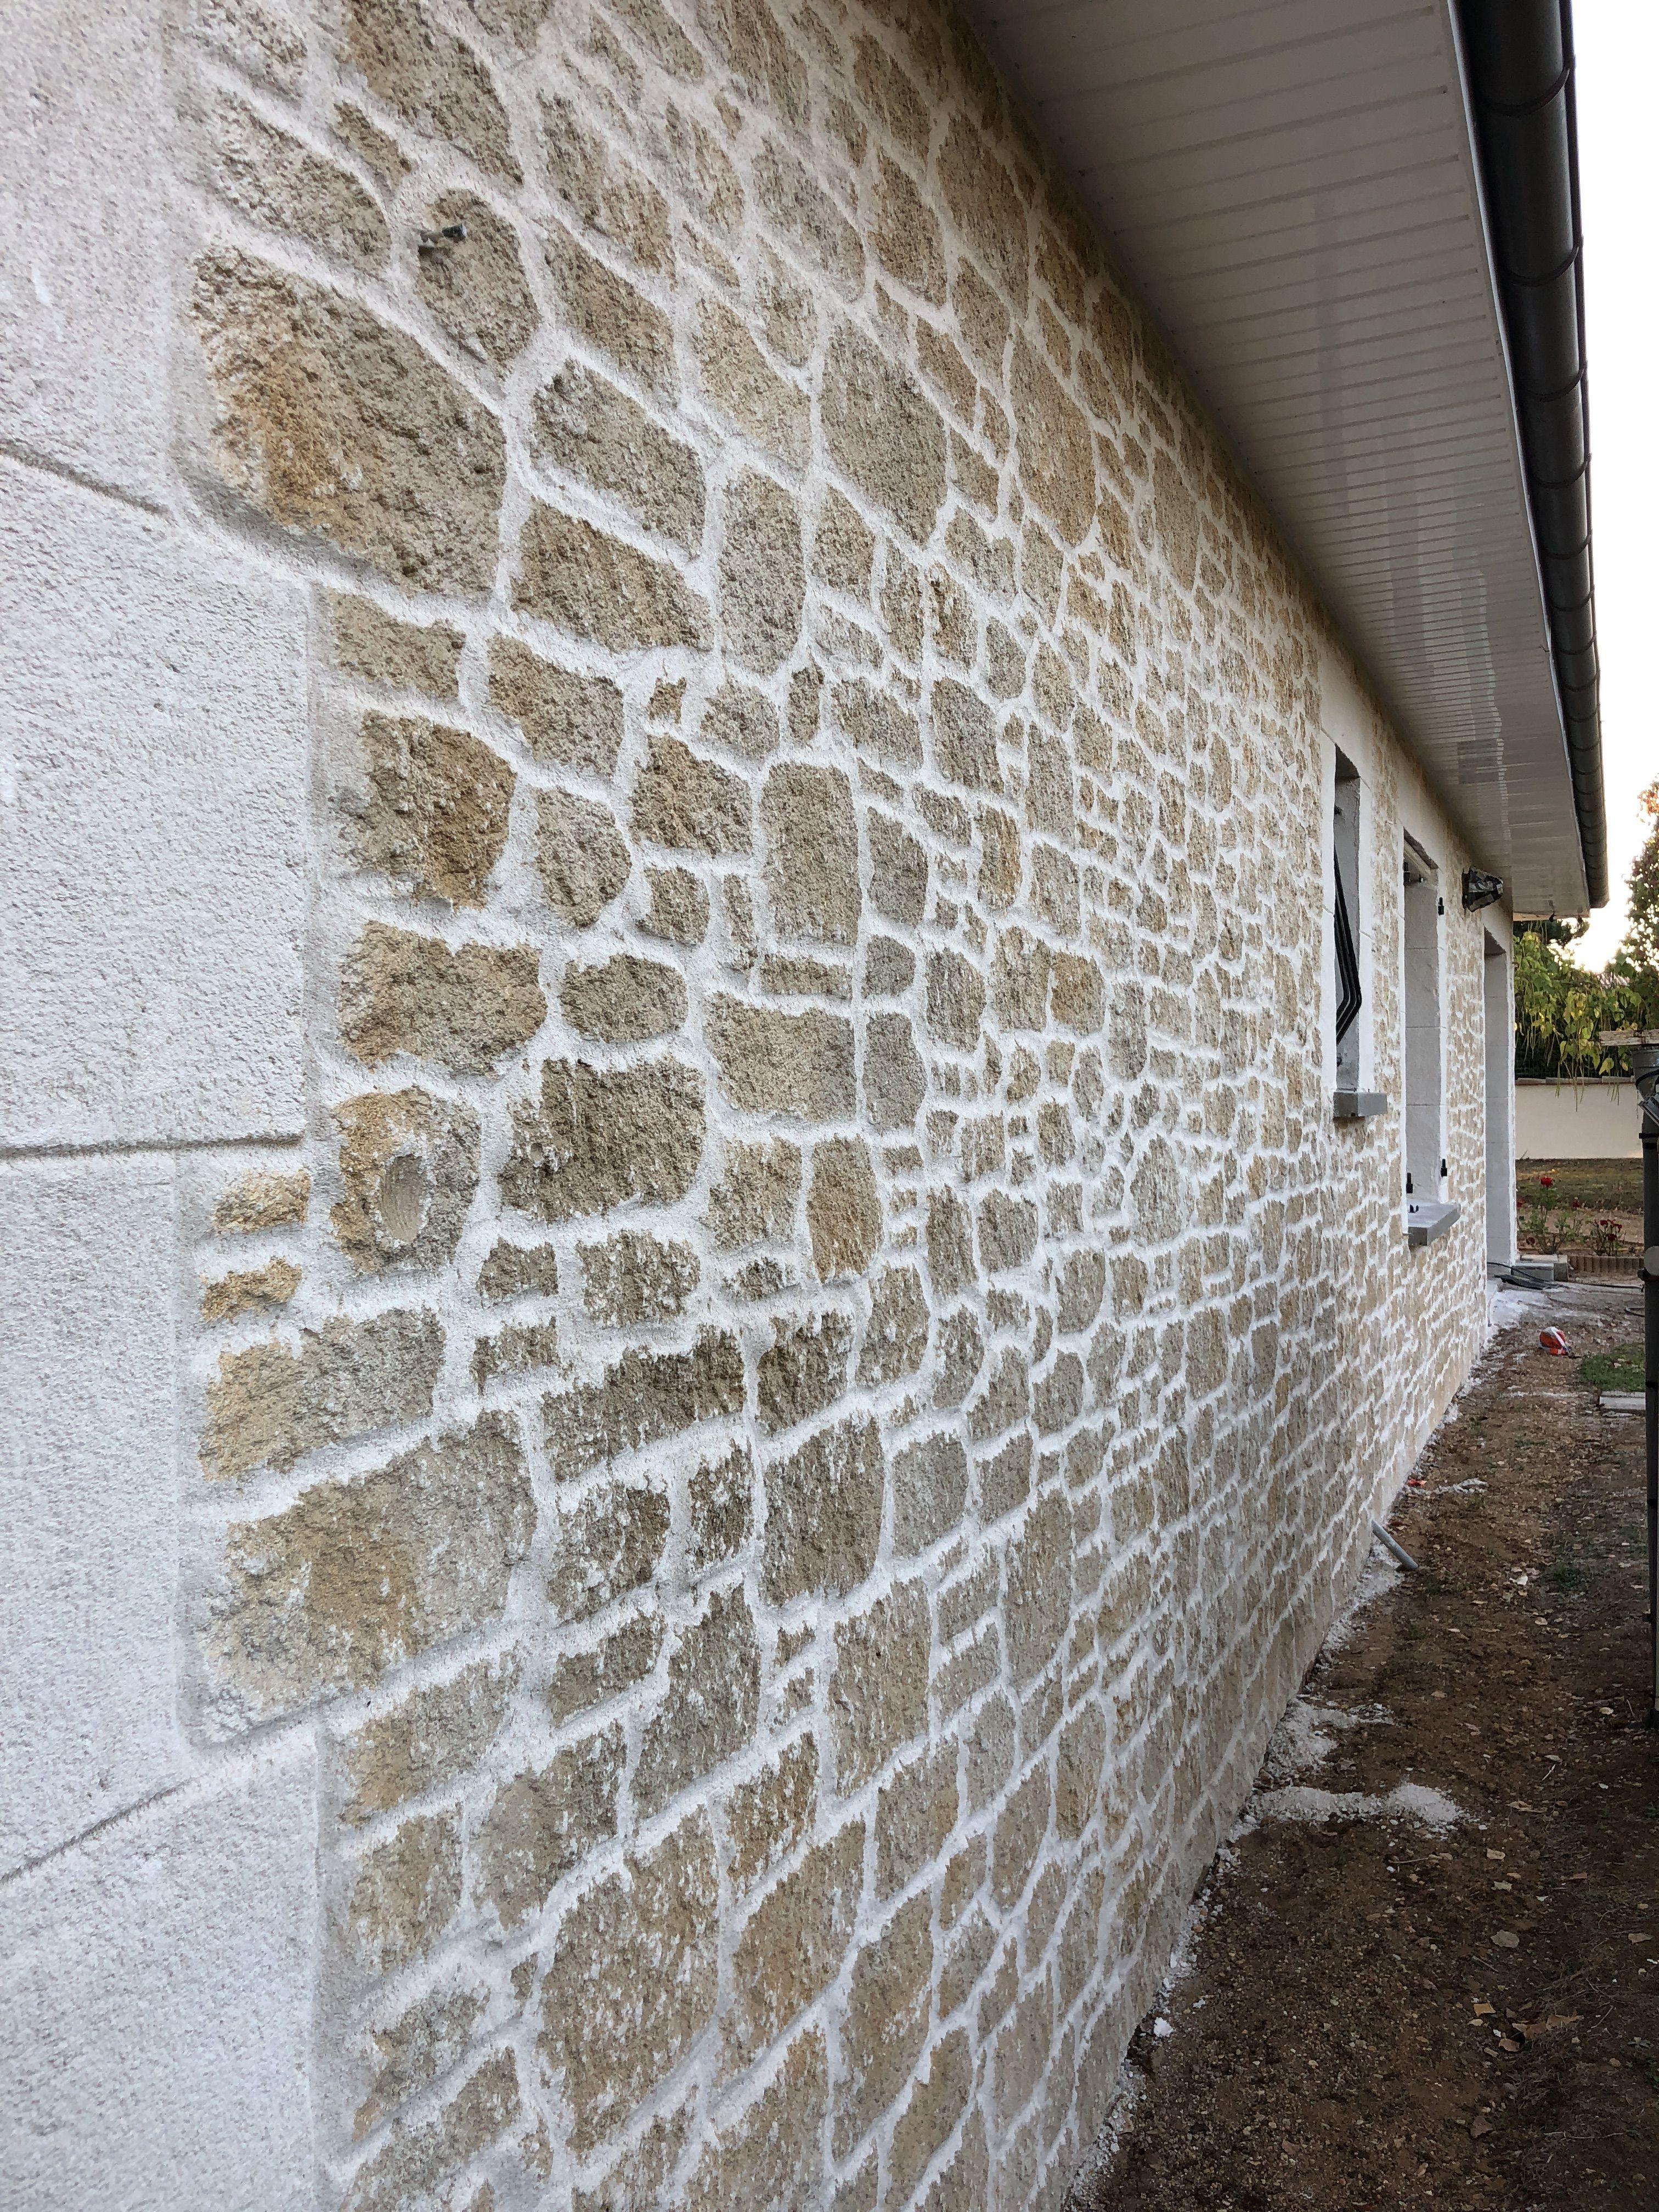 Renovation De Facade Avec L Enduit Fausse Pierre Fausse Pierre Murale Briquette De Parement Enduit Mur Exterieur